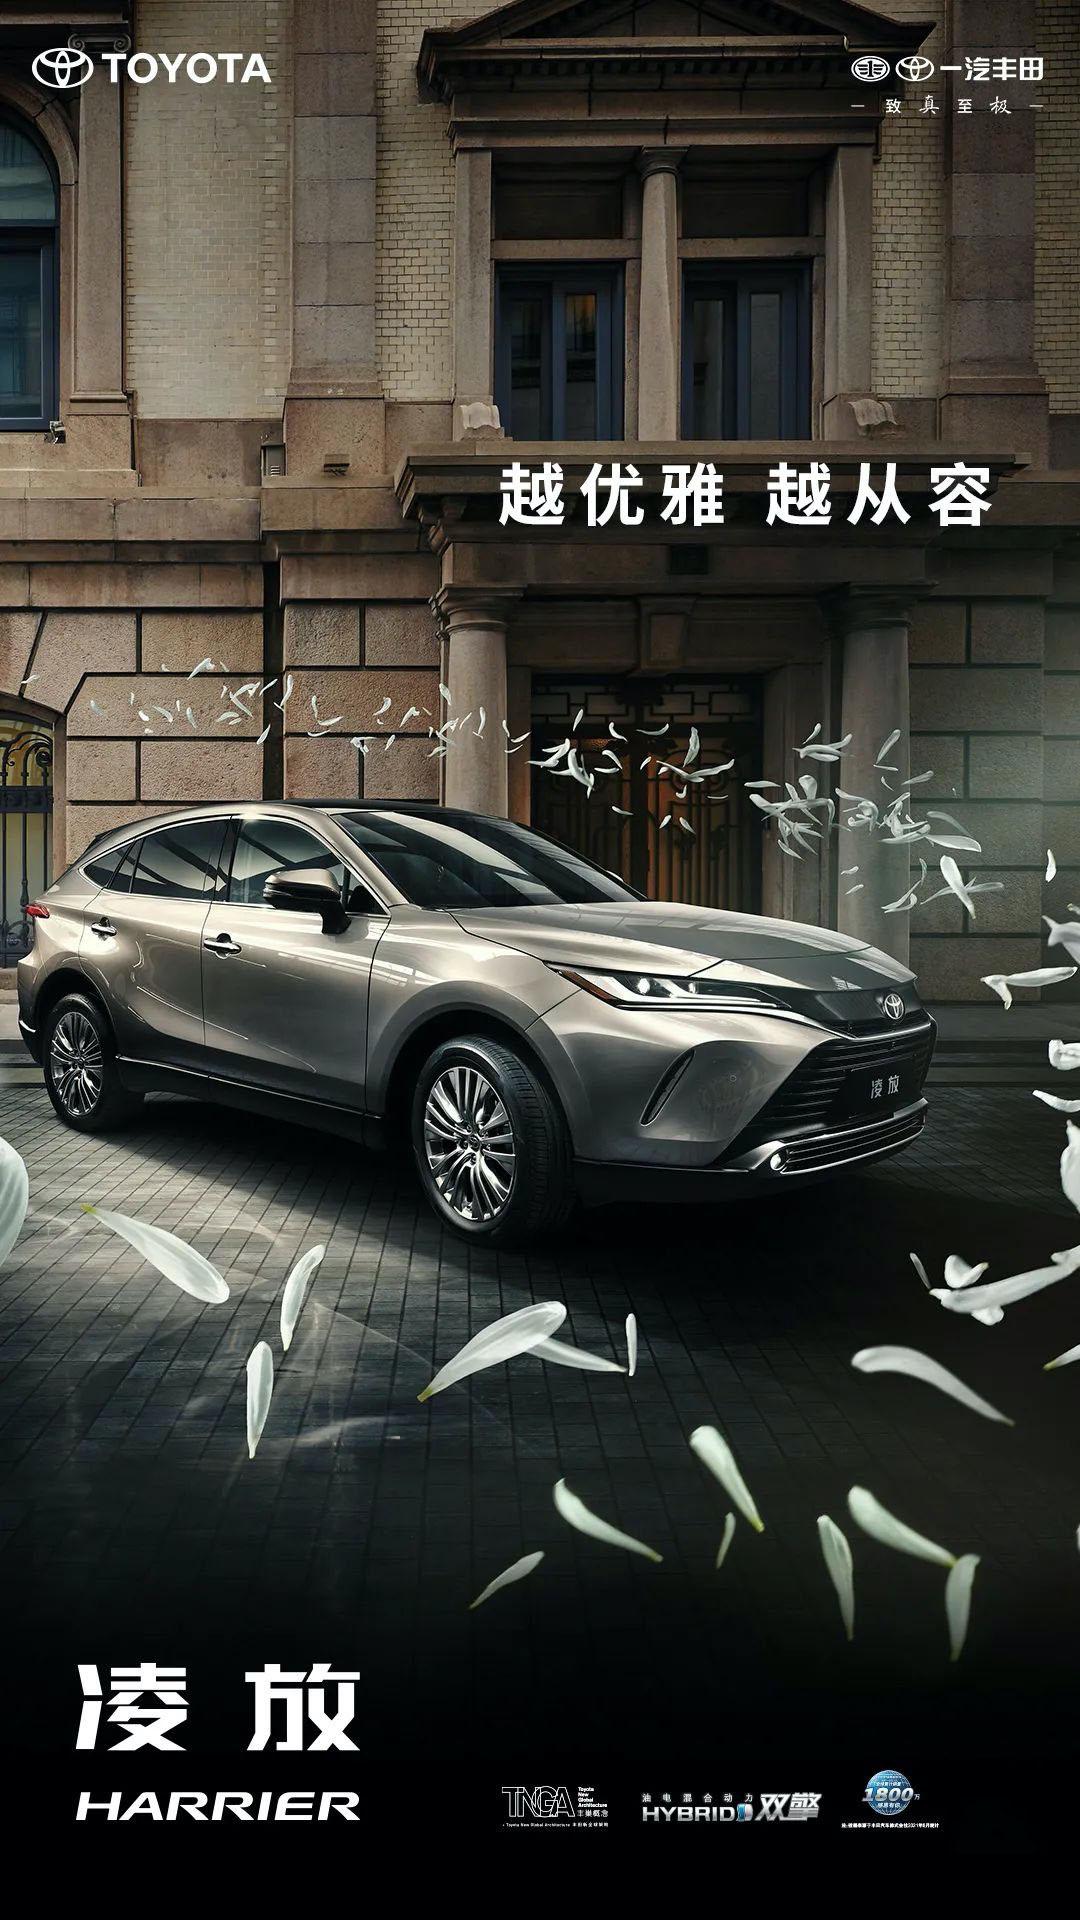 中文名定为凌放,一汽丰田HARRIER首张官图发布